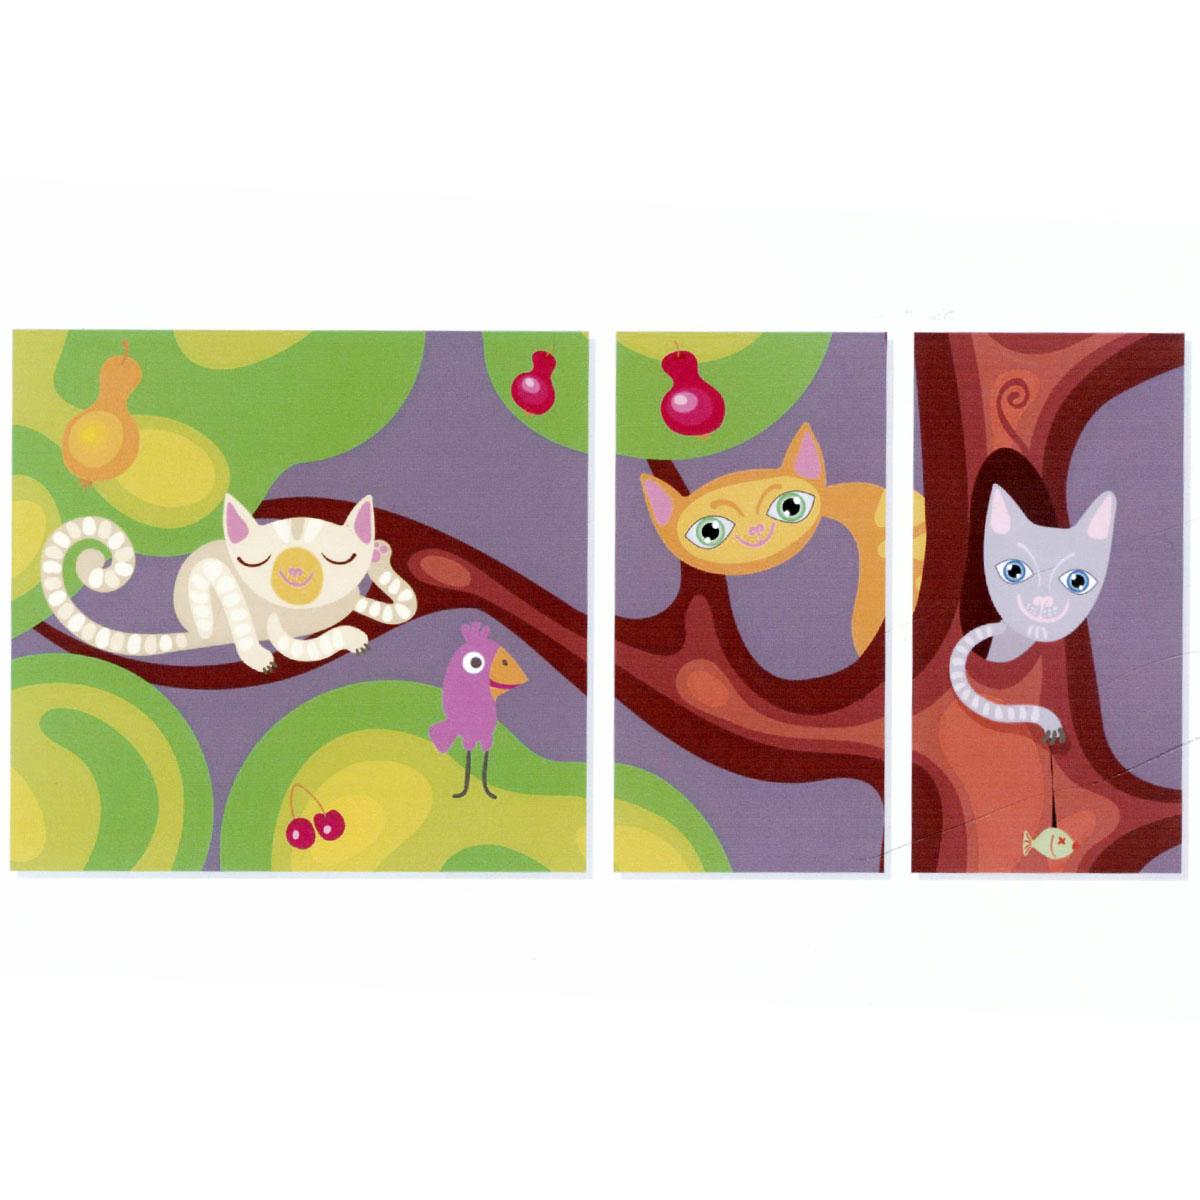 Модульная картина на холсте КвикДекор Цветные кошки, 171 см х 80 см1158Модульная картина на холсте КвикДекор Цветные кошки - это прекрасное решение для декора помещения. Картина состоит из трех частей (модулей) разного размера, объединенных общей тематикой. Изображение переходит из одного модуля в другой. Модули размещаются на расстоянии 2-3 см друг от друга.Латексная печать (без запаха) на натуральном х/б холсте, галерейная натяжка на деревянные подрамники из высококачественной сосны. Такая картина будет потрясающе смотреться в детской комнате. Она сделает обстановку комфортной и уютной, а яркие краски и интересное оформление обязательно понравятся вашему малышу. Картина в стрейч-пленке с защитными картонными уголками упакована в гофрокоробку с термоусадкой. Размер модулей: 85 см х 80 см (1 шт); 40 см х 80 см (2 шт). Количество модулей: 3 шт. Общий размер картины: 171 см х 80 см. Художник: Анна Морозова.